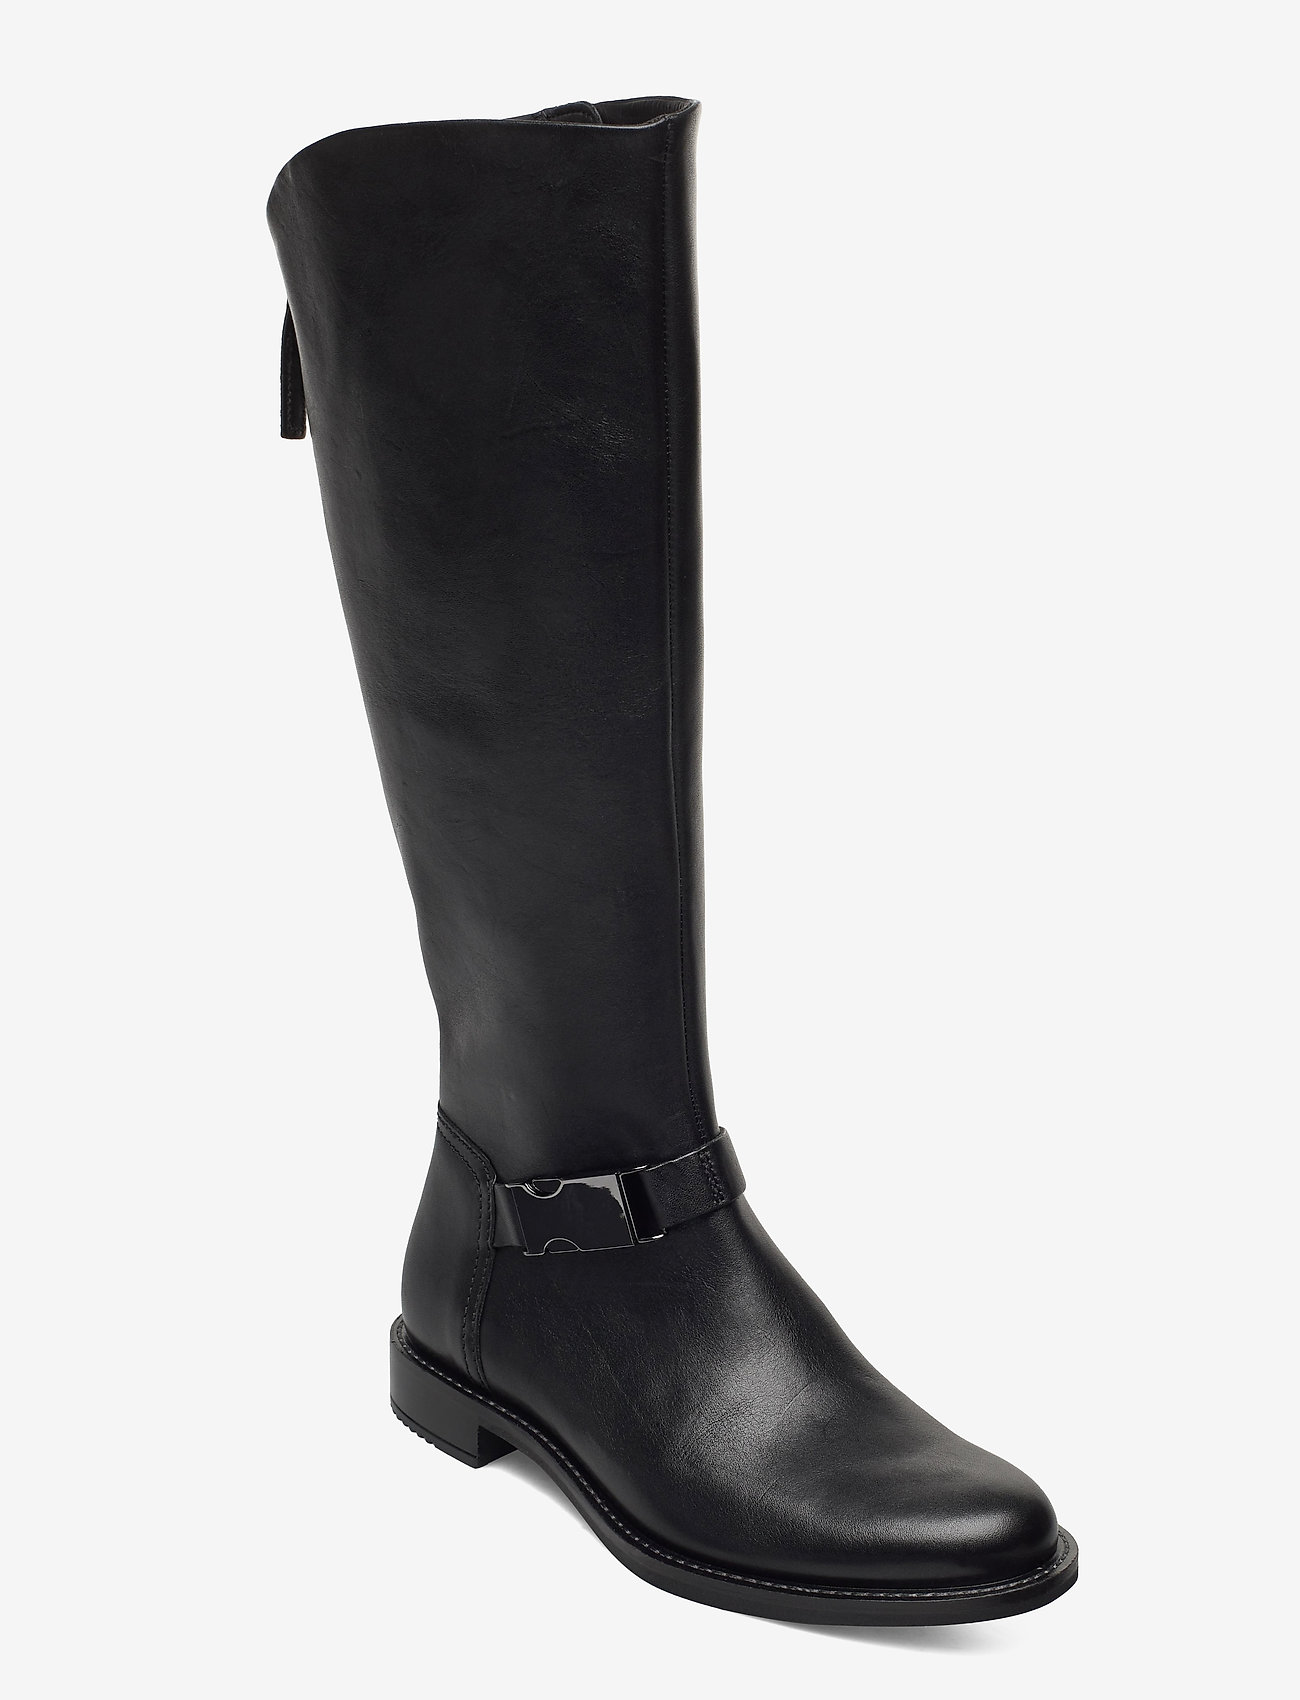 ECCO - SARTORELLE 25 - lange laarzen - black - 0